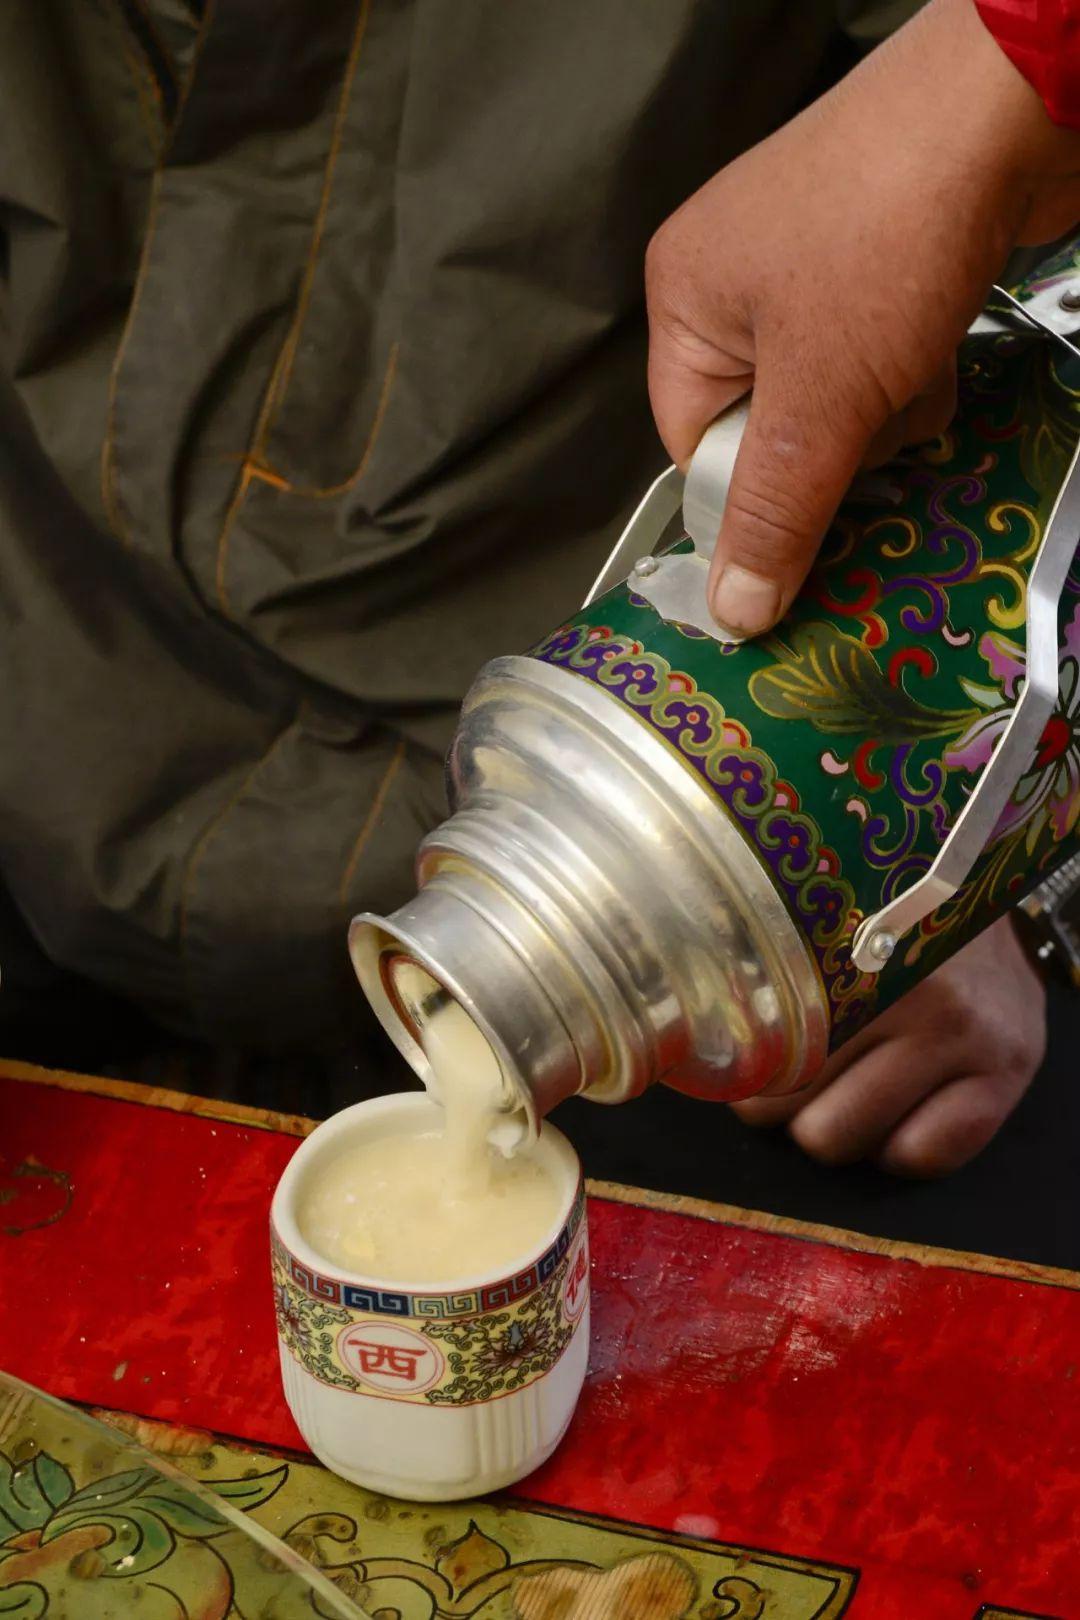 茶叶不仅能喝还能吃 中国各地最好吃的茶有你家乡吗?